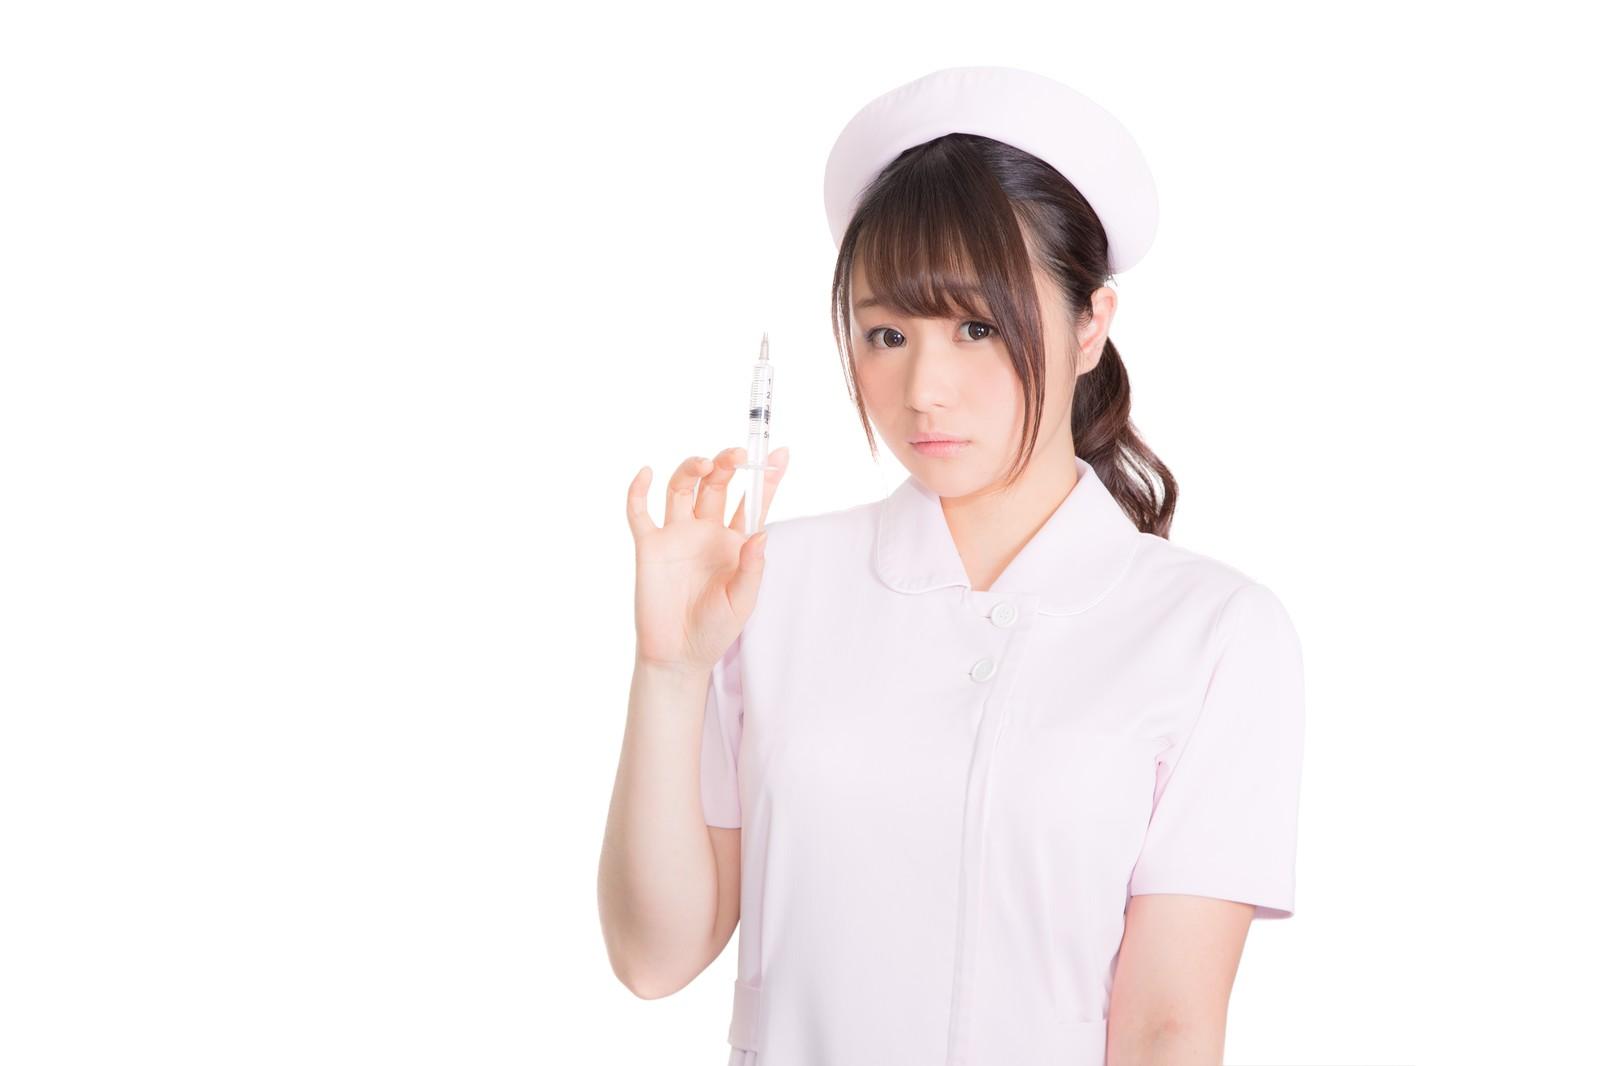 血液検査の結果を病院に電話で問い合わせることは可能か?